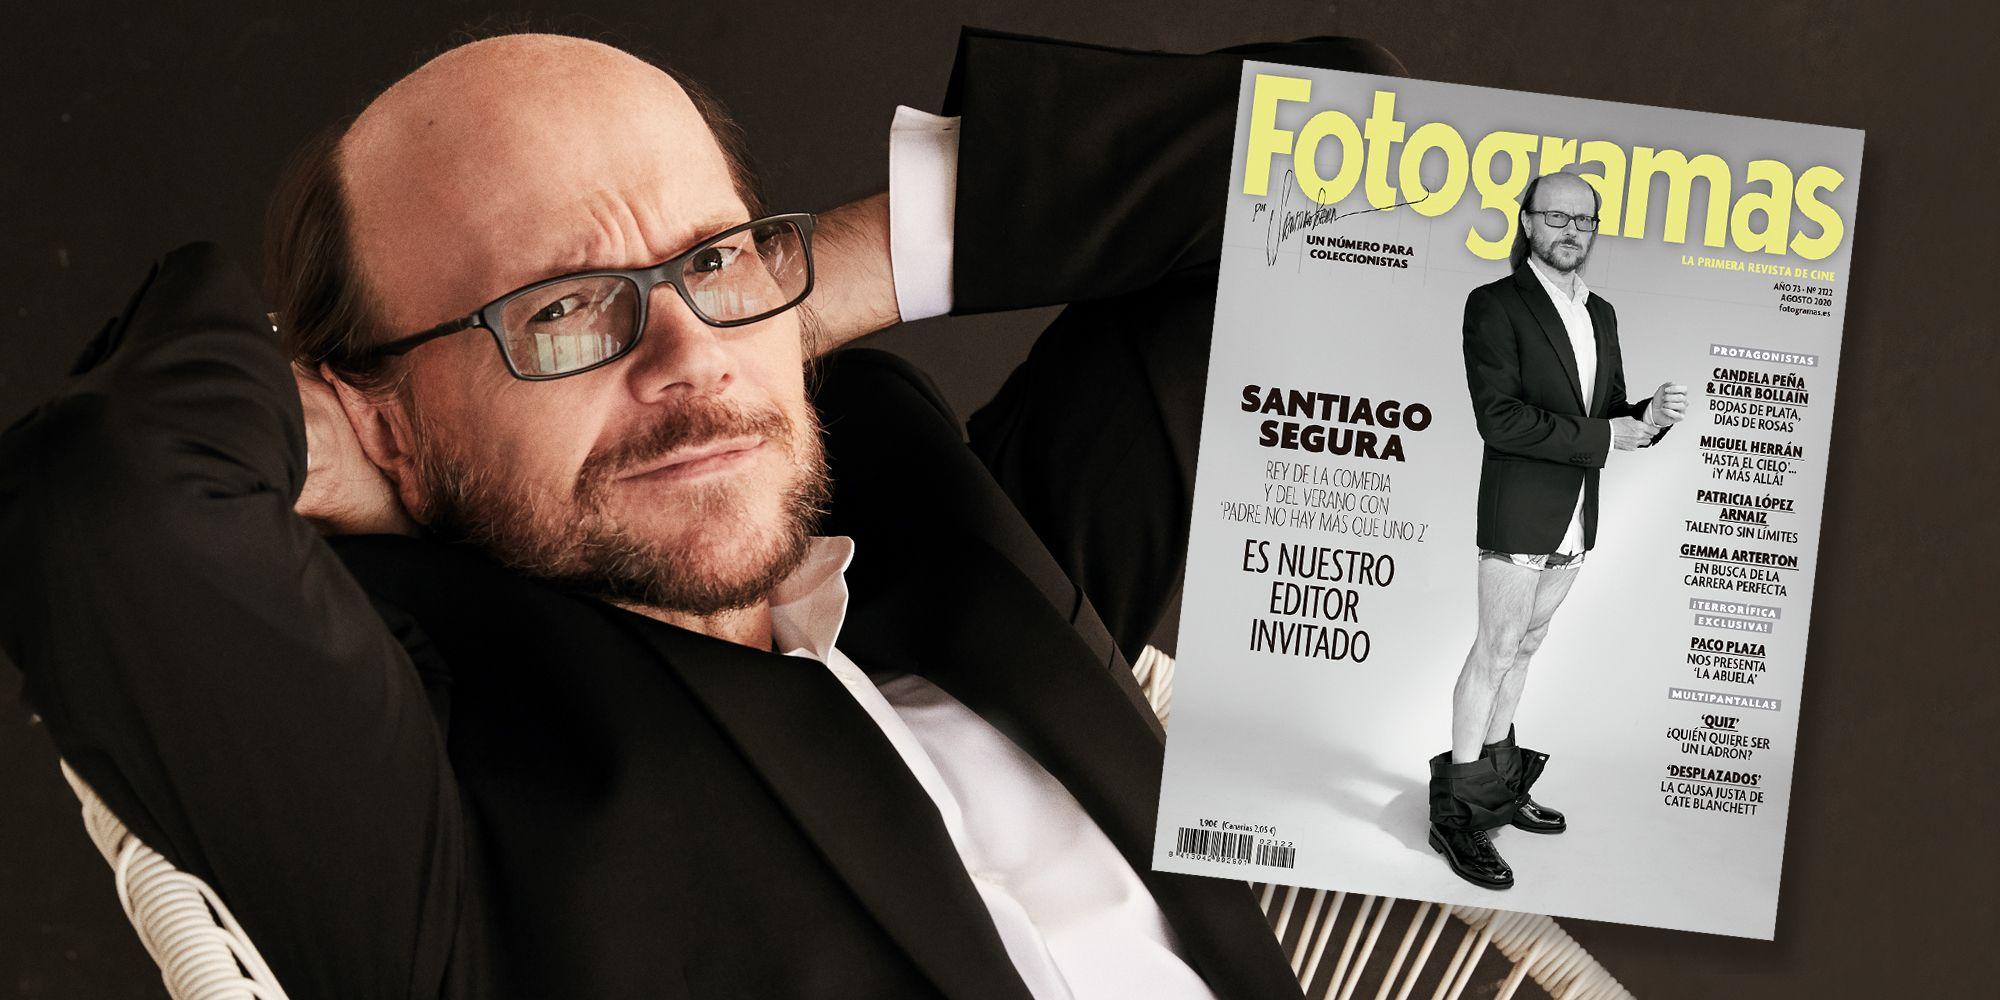 Padre no hay más que uno 2: Santiago Segura, portada de Fotogramas